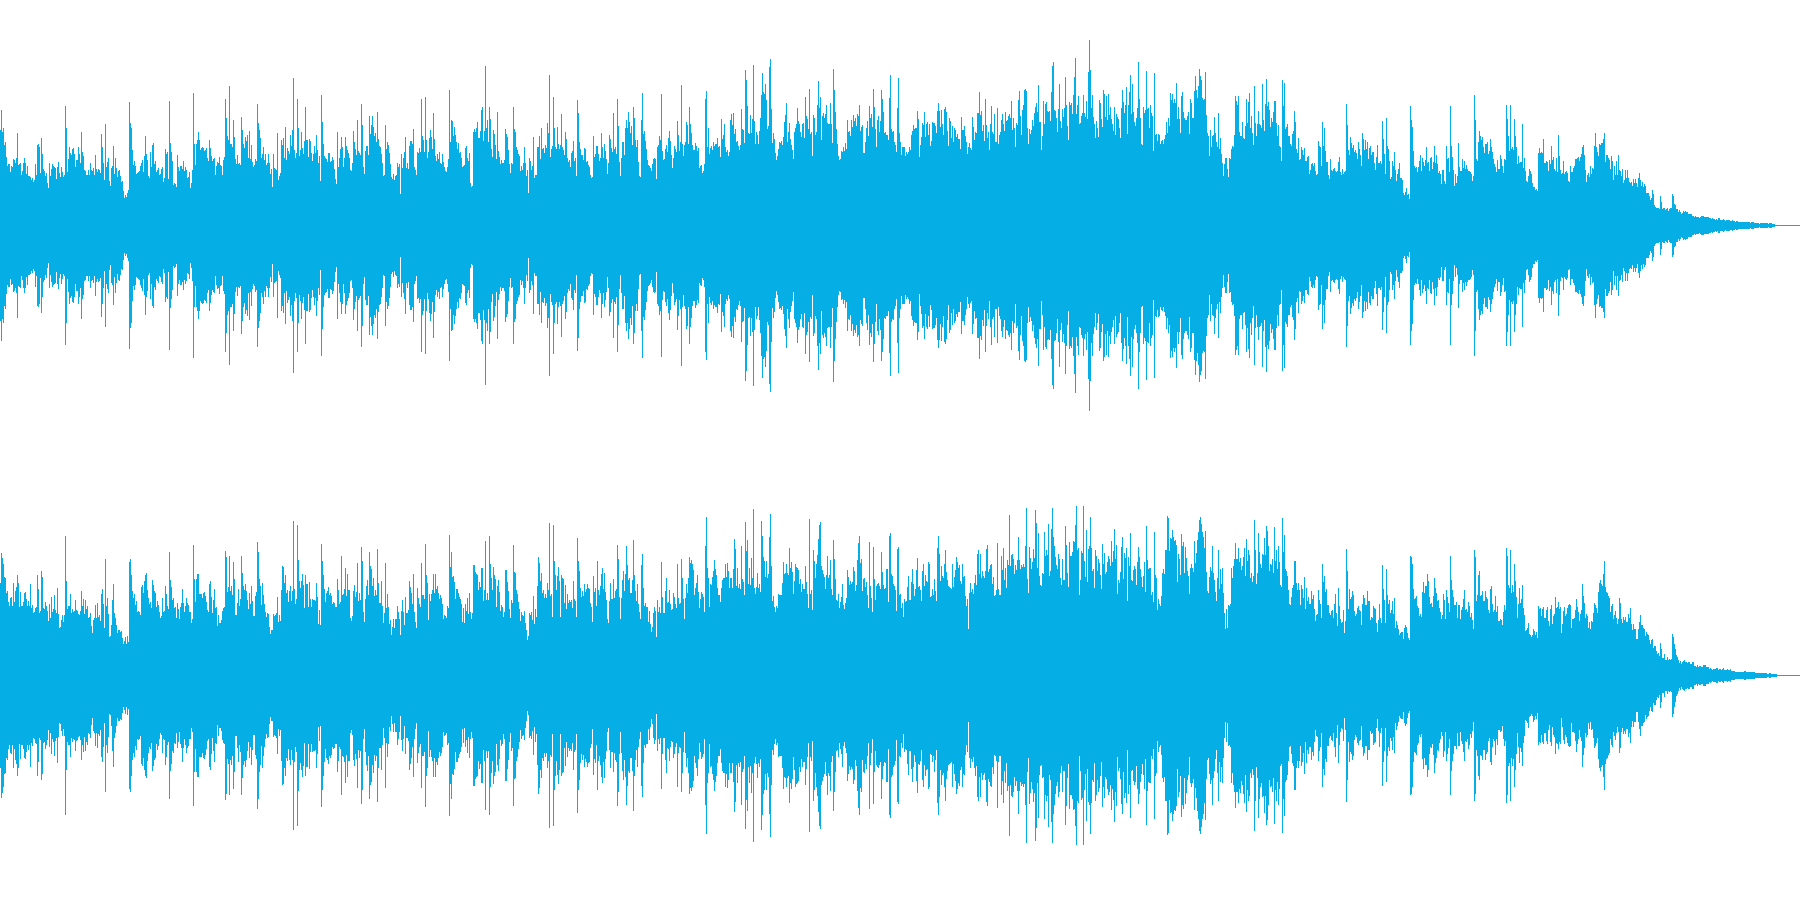 あたたかく優しいエンディング曲の再生済みの波形